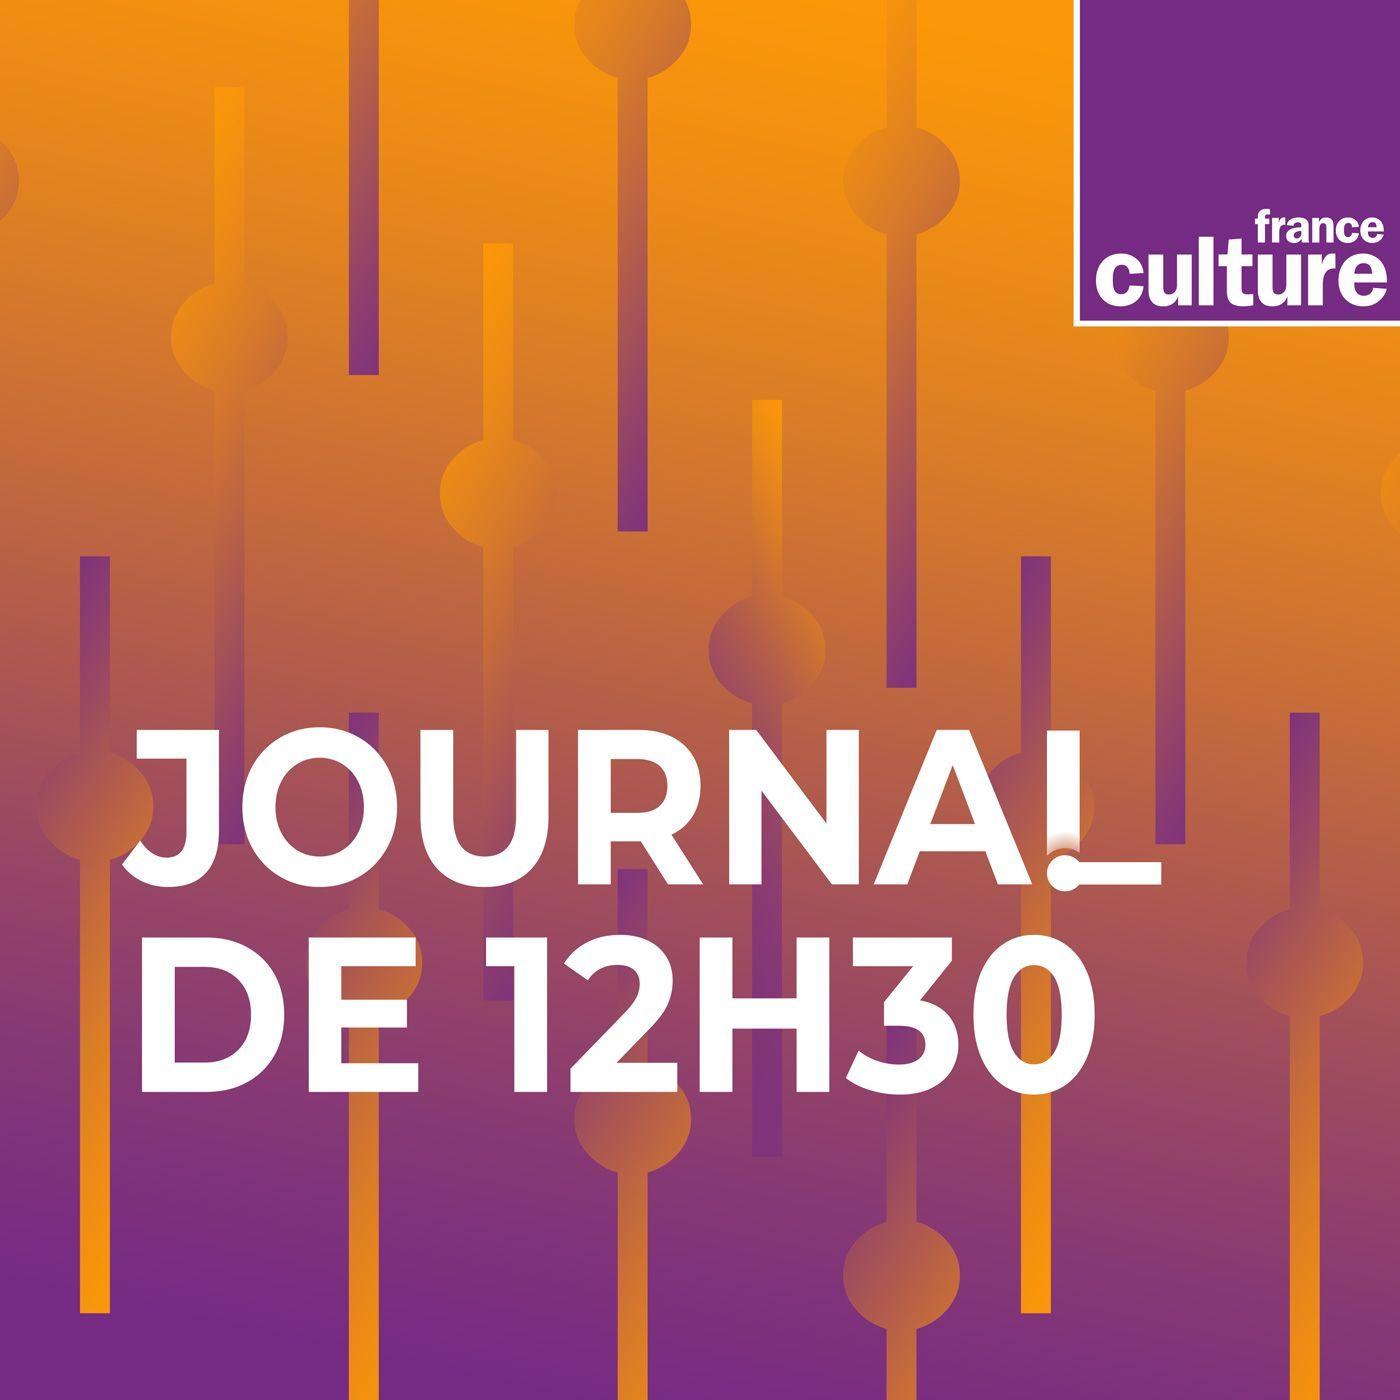 Image 1: Le journal de 12h30